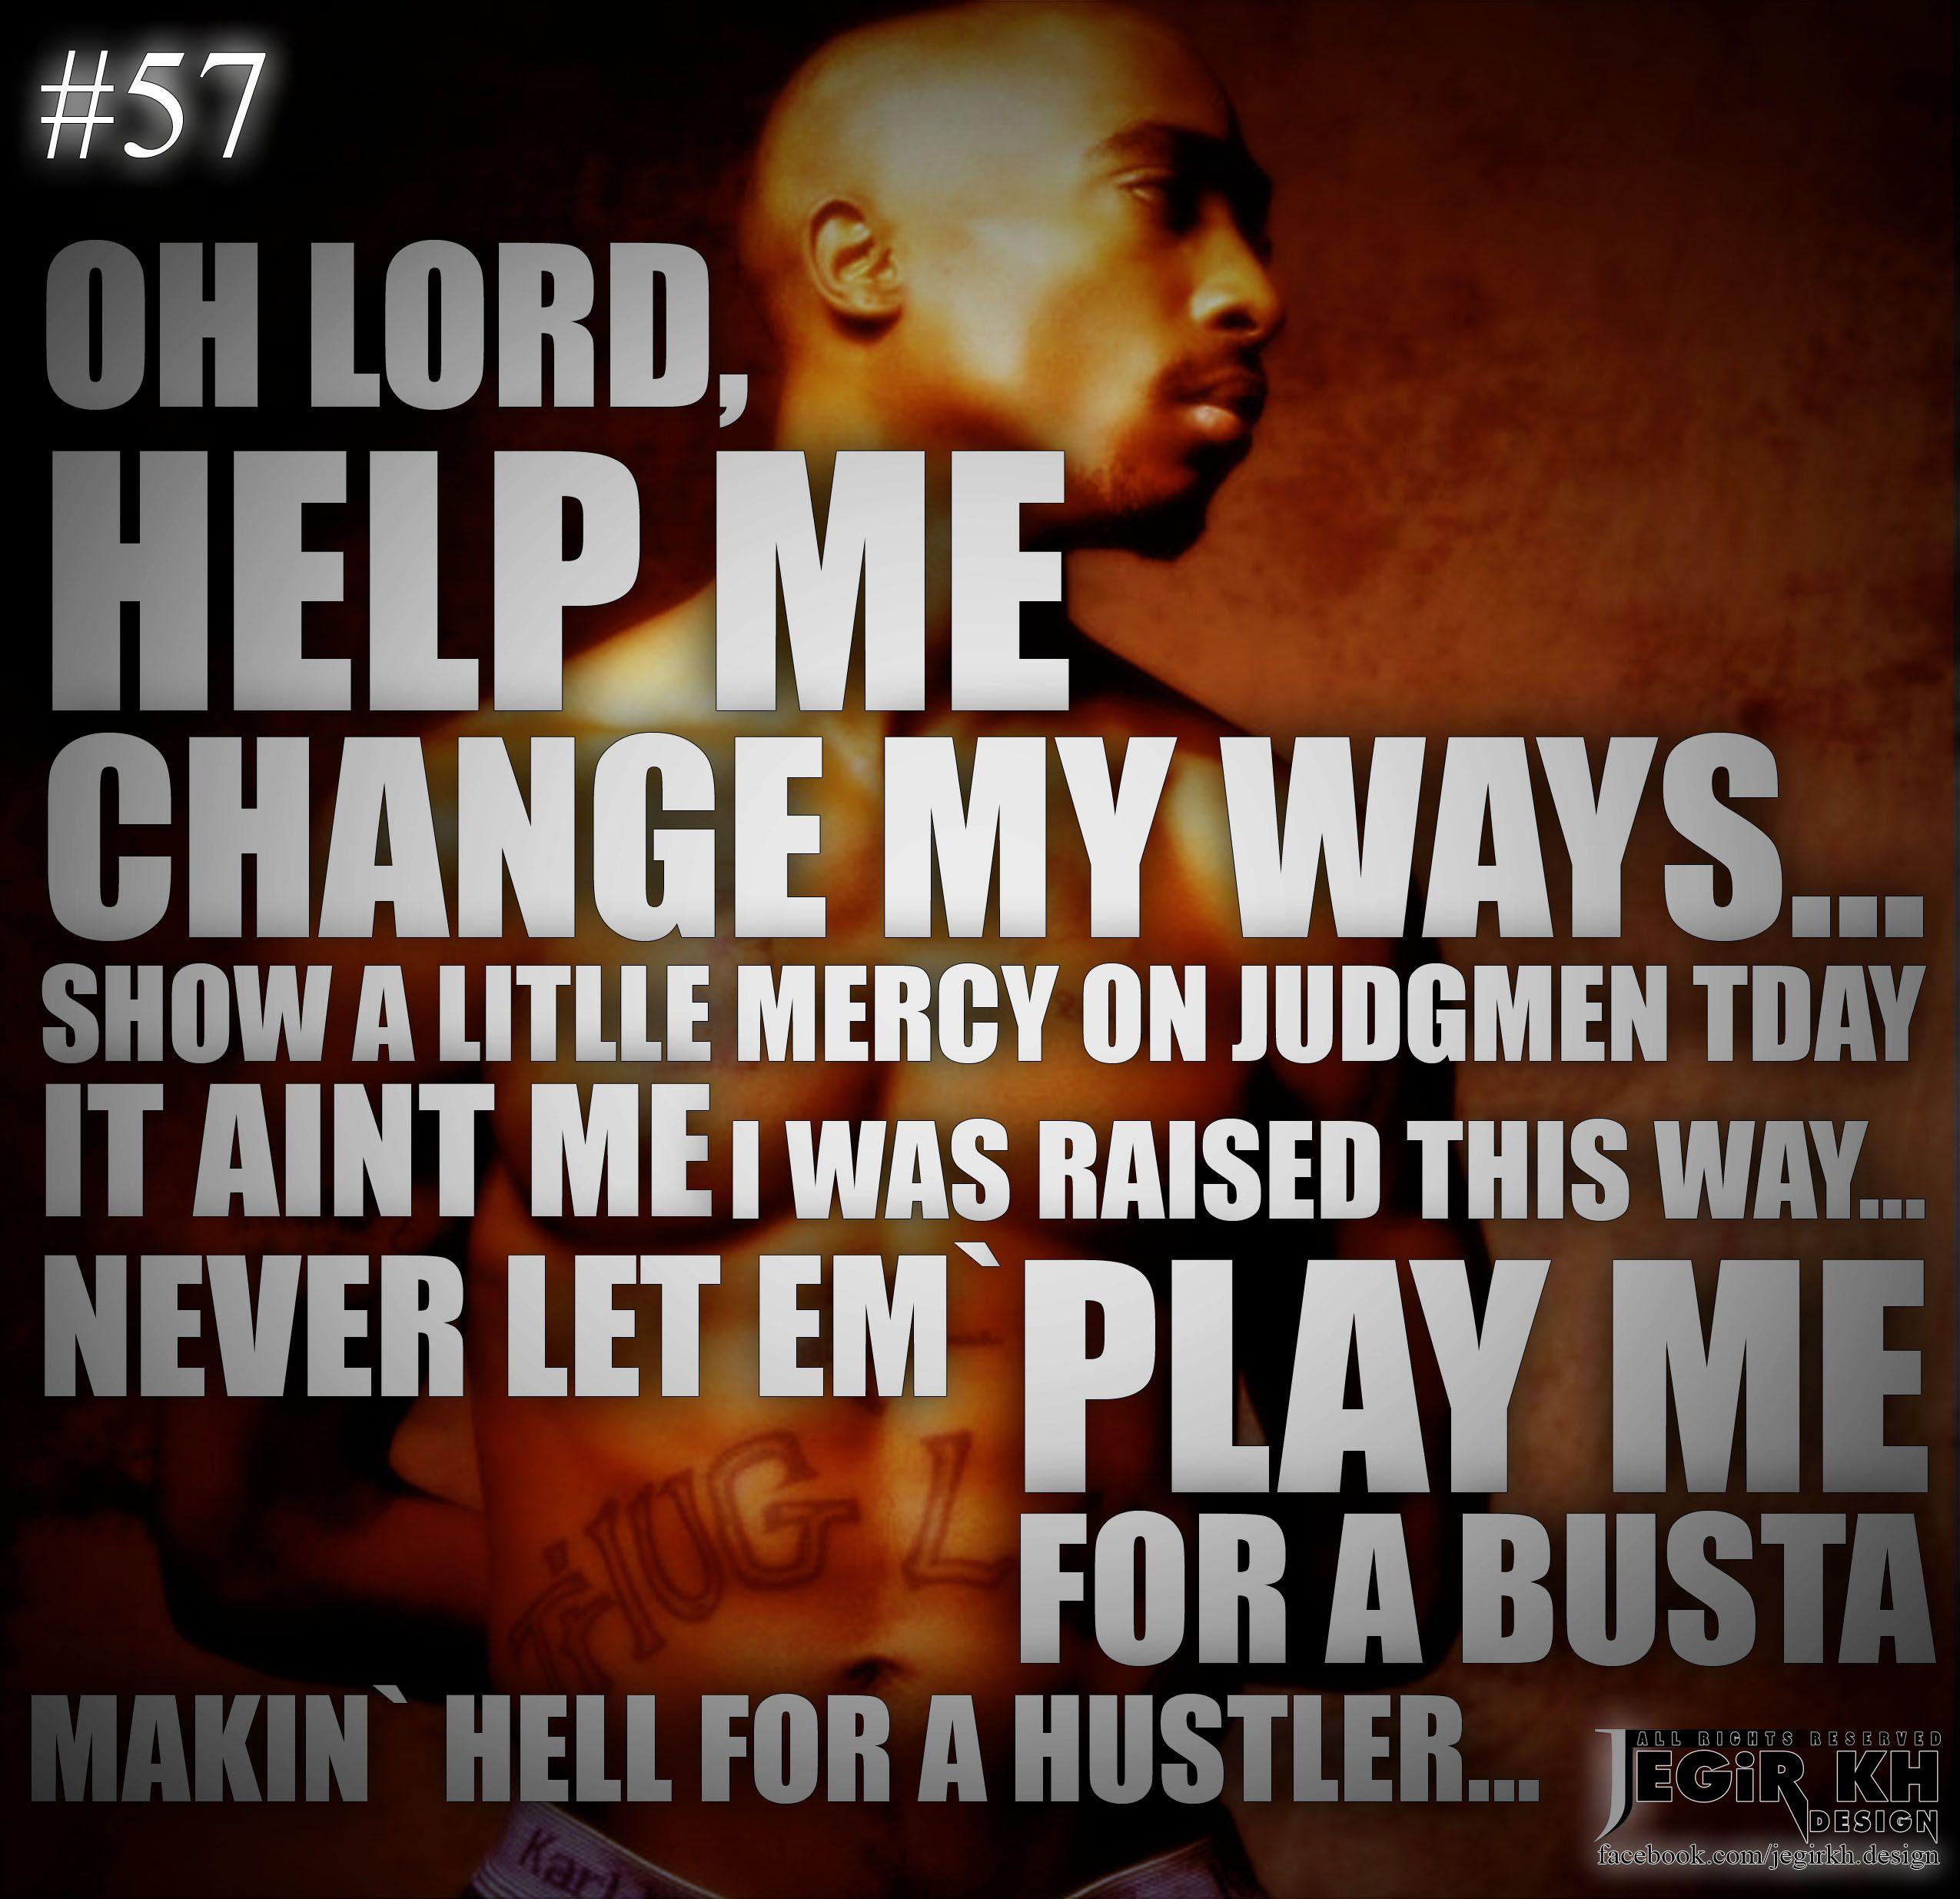 Hell 4 A Hustler